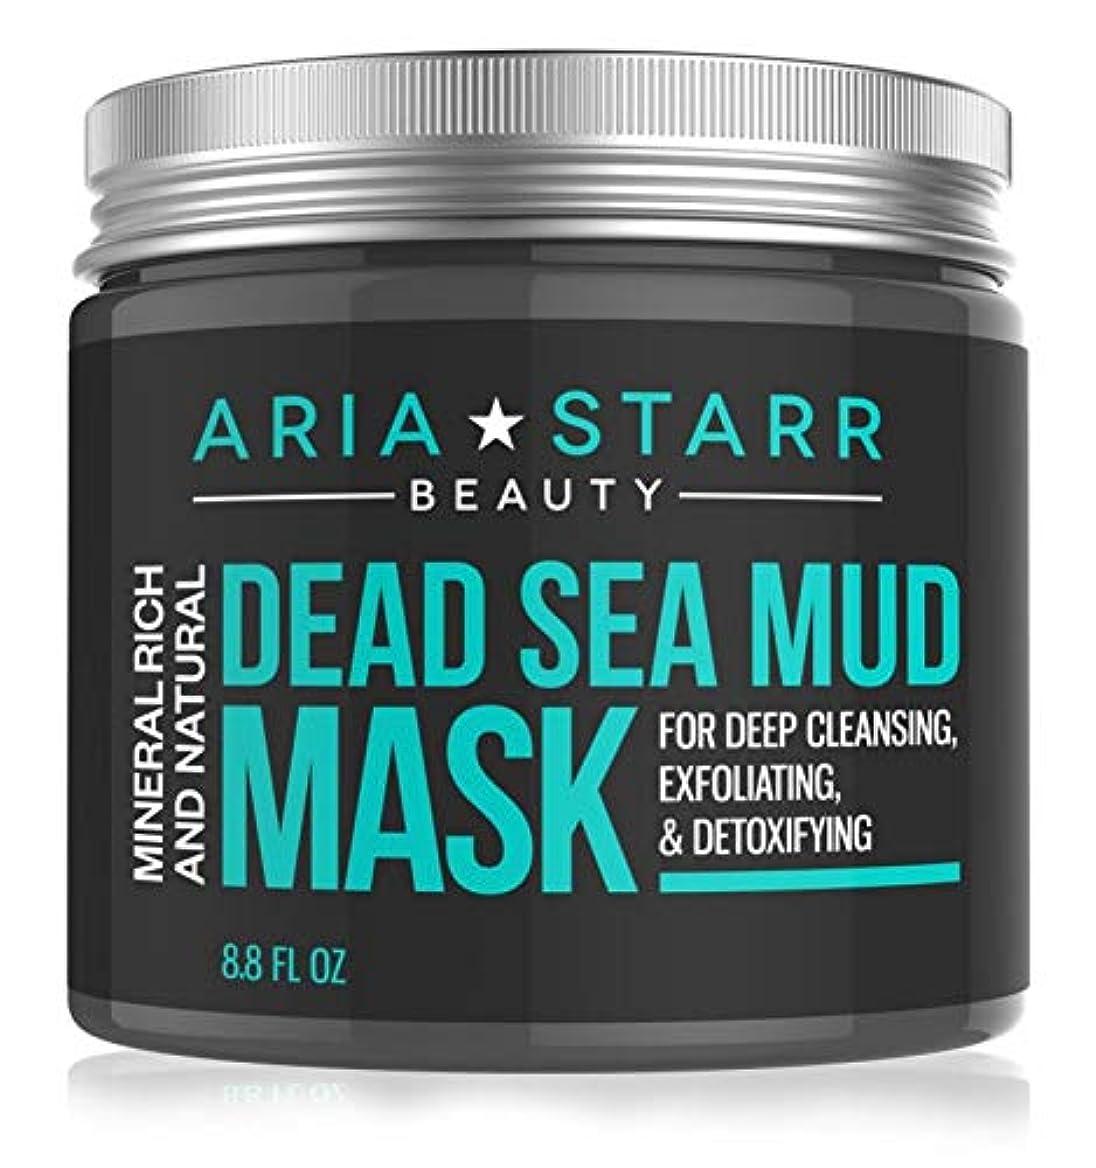 隣接するキャッチナプキンAria Starr Dead Sea Mud Maskデッドシーマッドパックフェイスマスクディープクレンジングケアナチュラルスキン8.8オンス/ 250 g